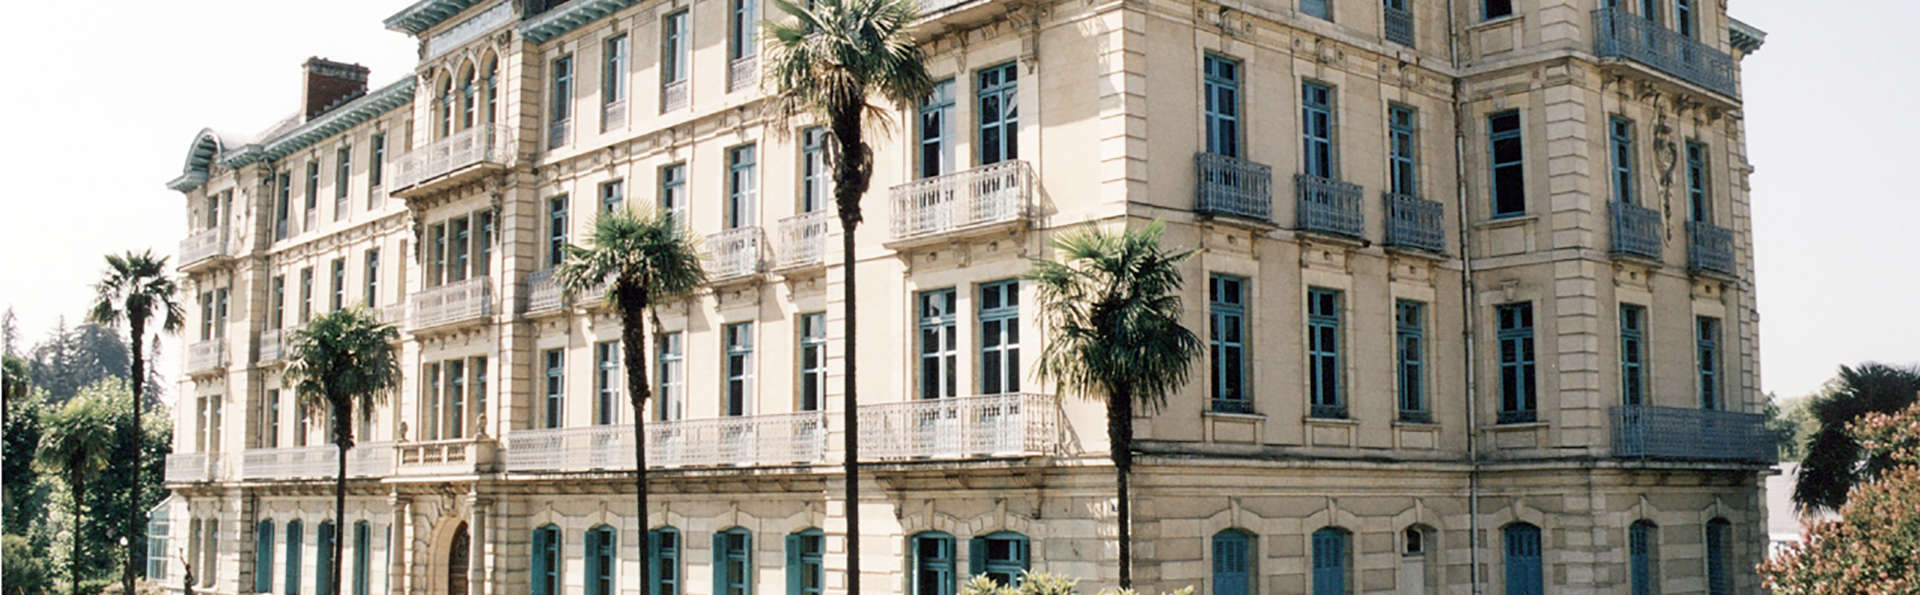 Hôtel du Parc - Salies de Béarn - EDIT_front.jpg